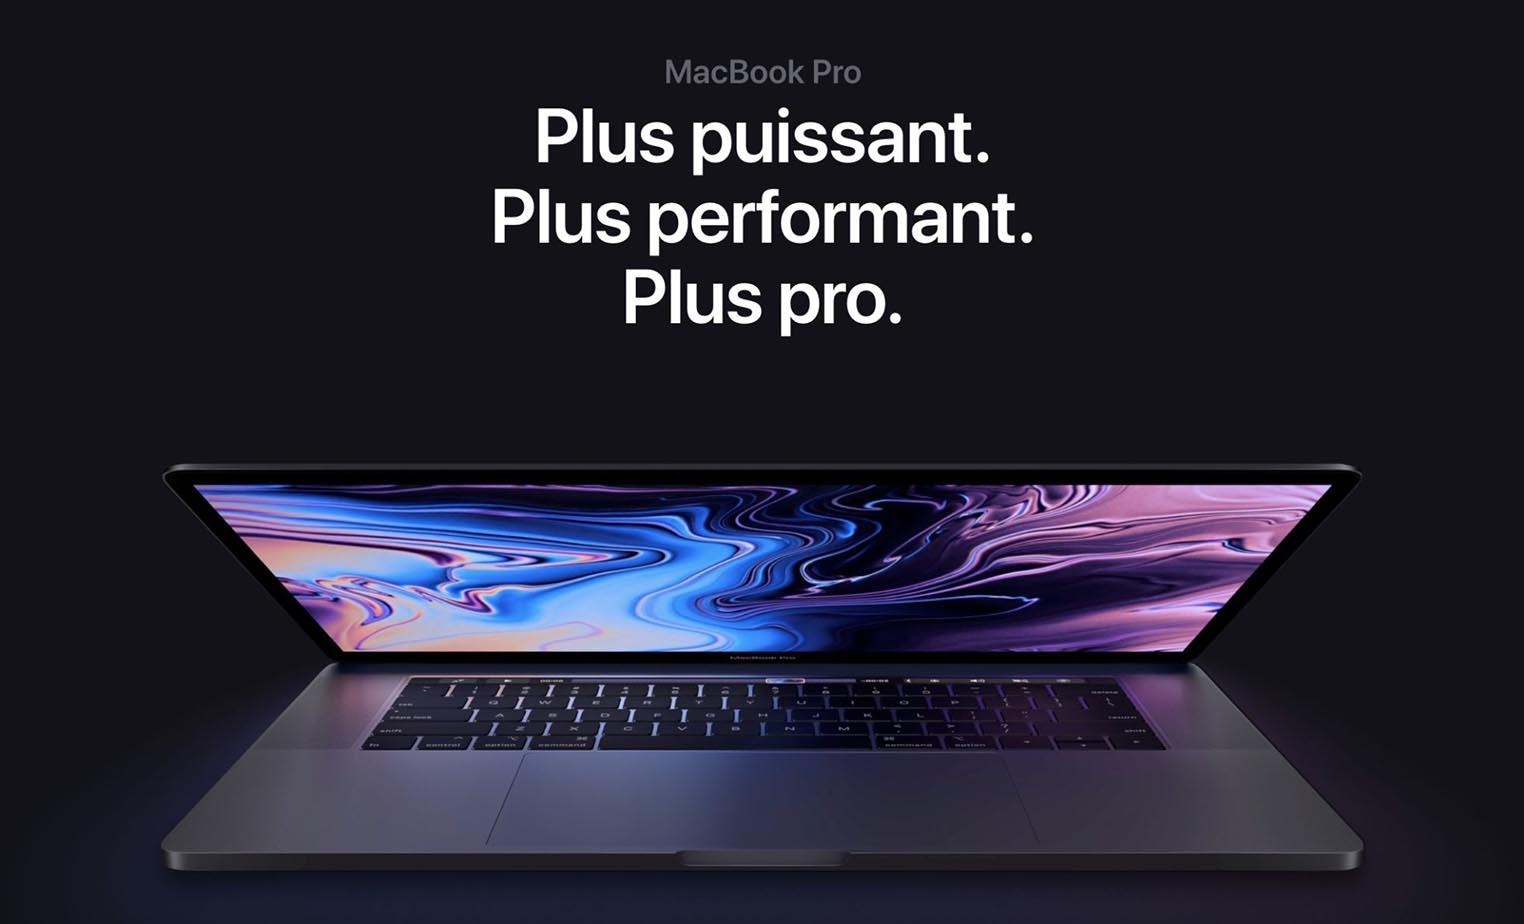 MacBook Pro 2018 Plus puissant Plus performant Plus pro